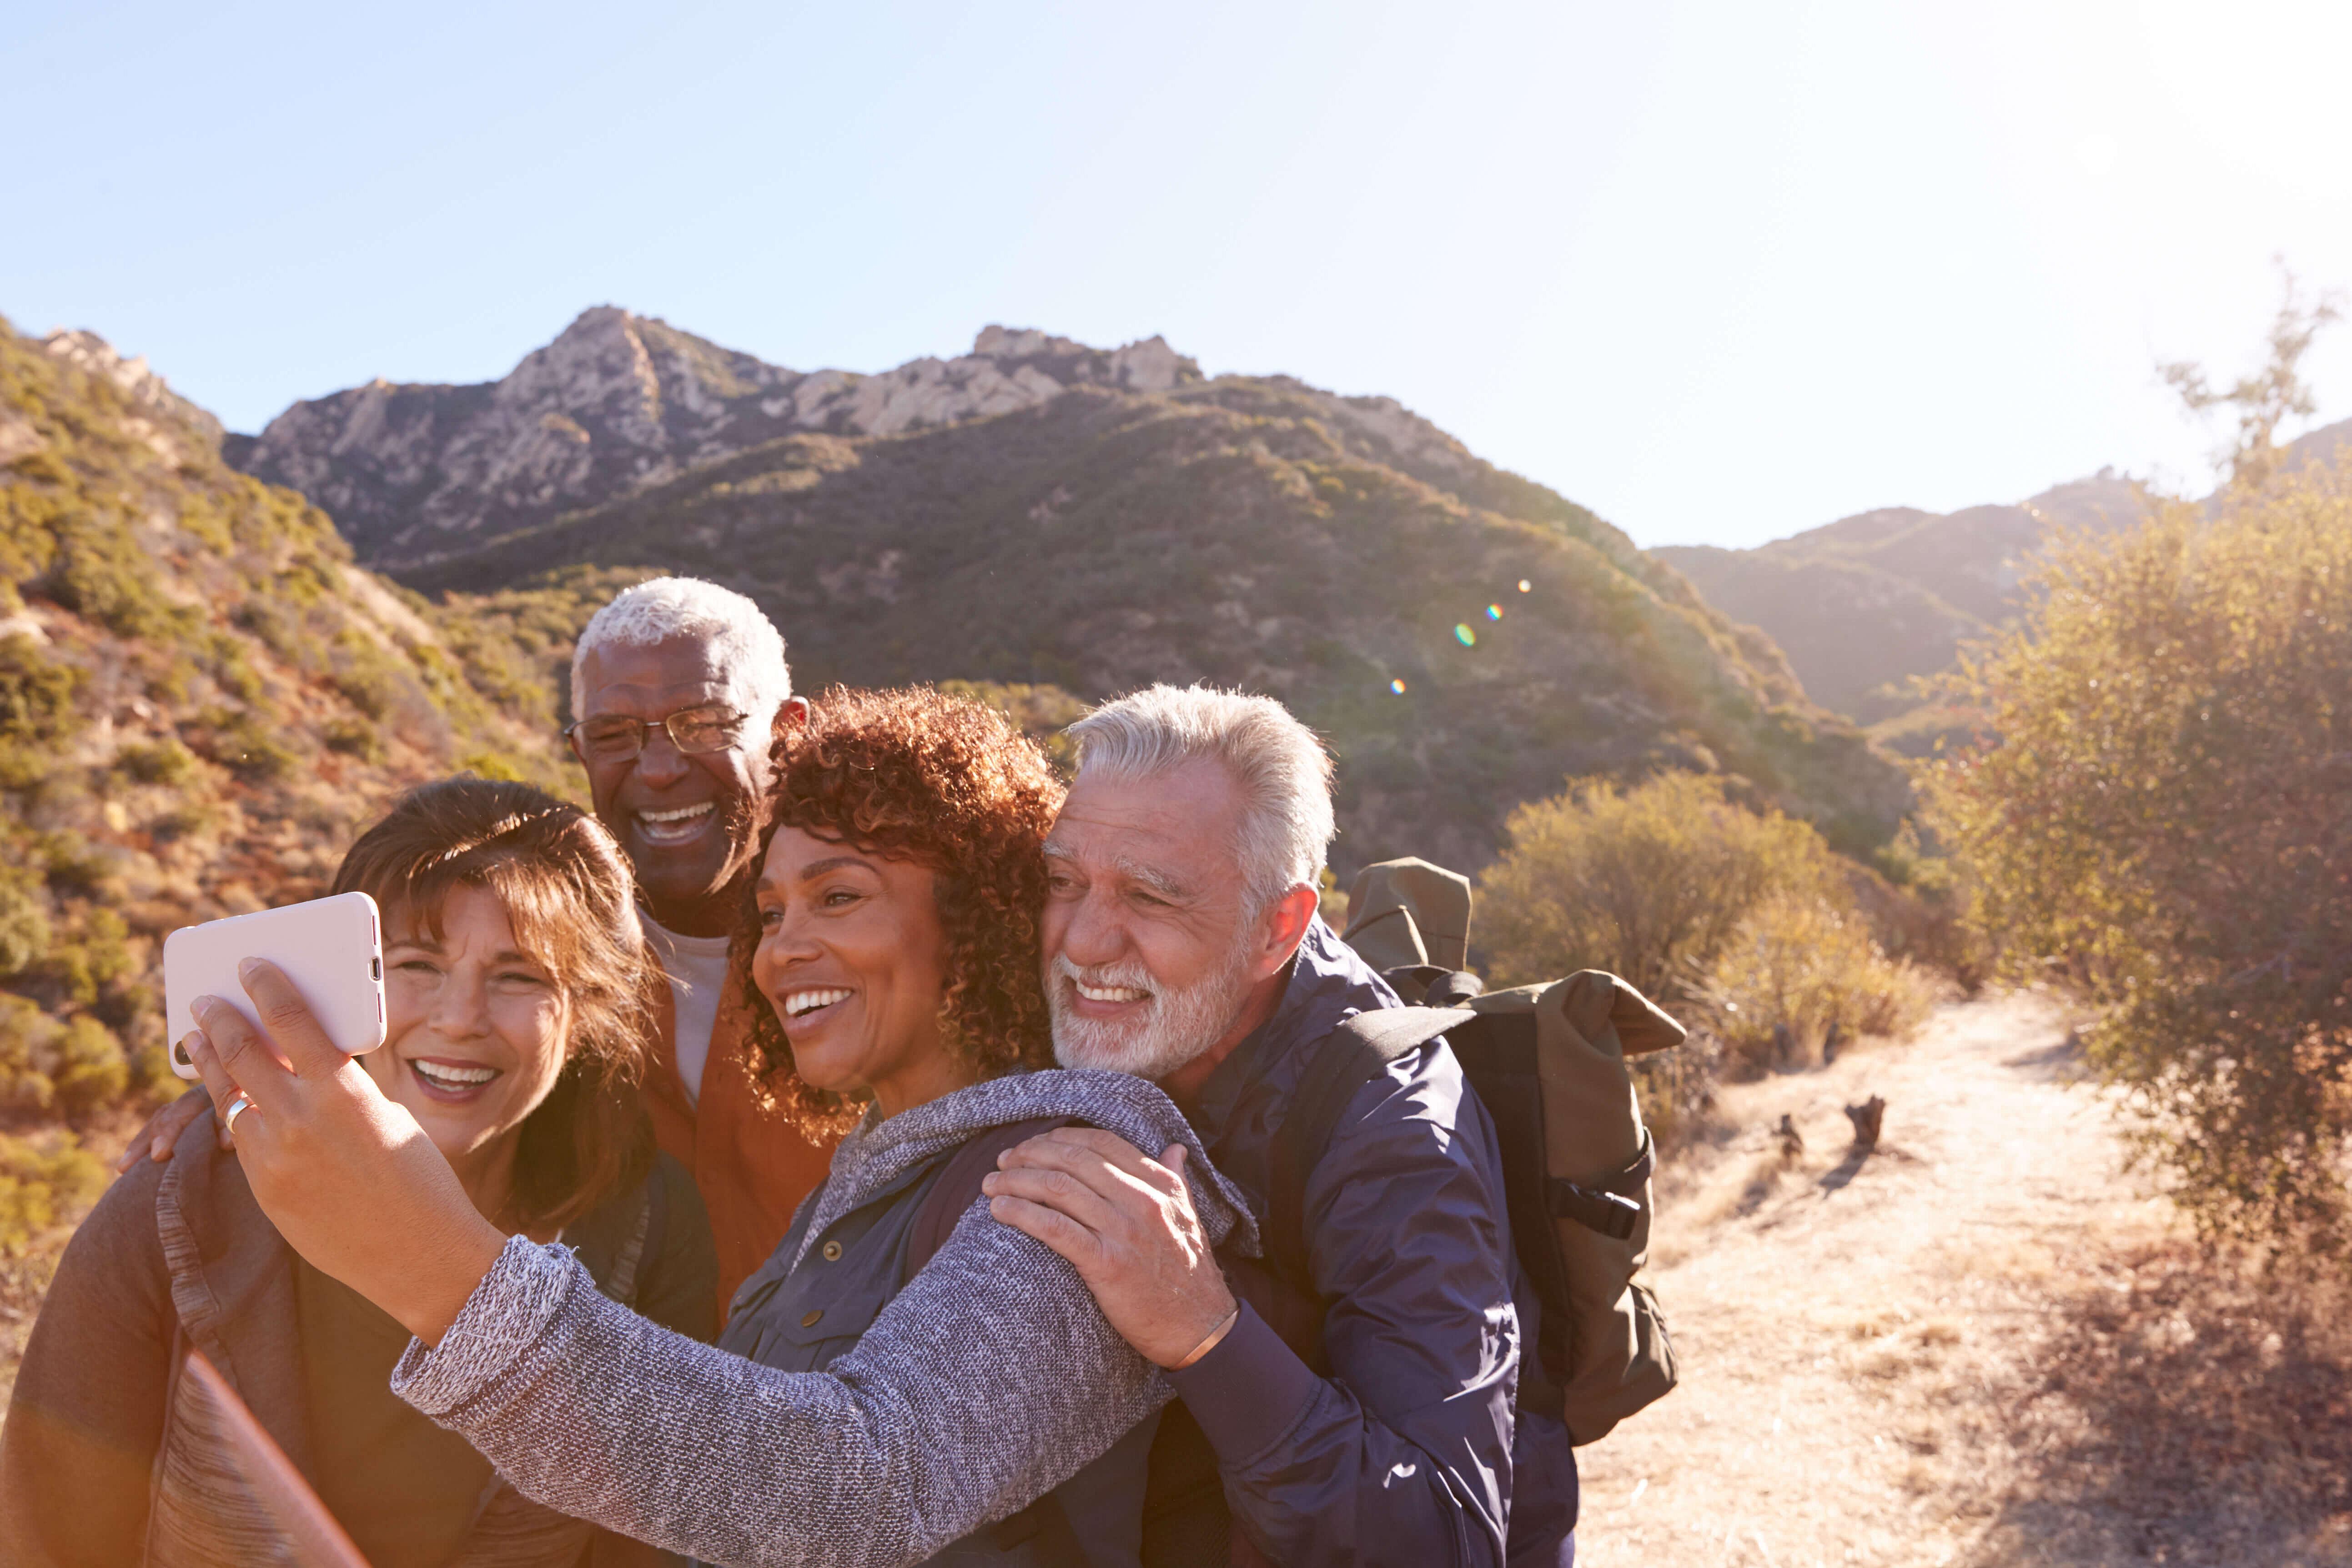 Group of older friends hiking together